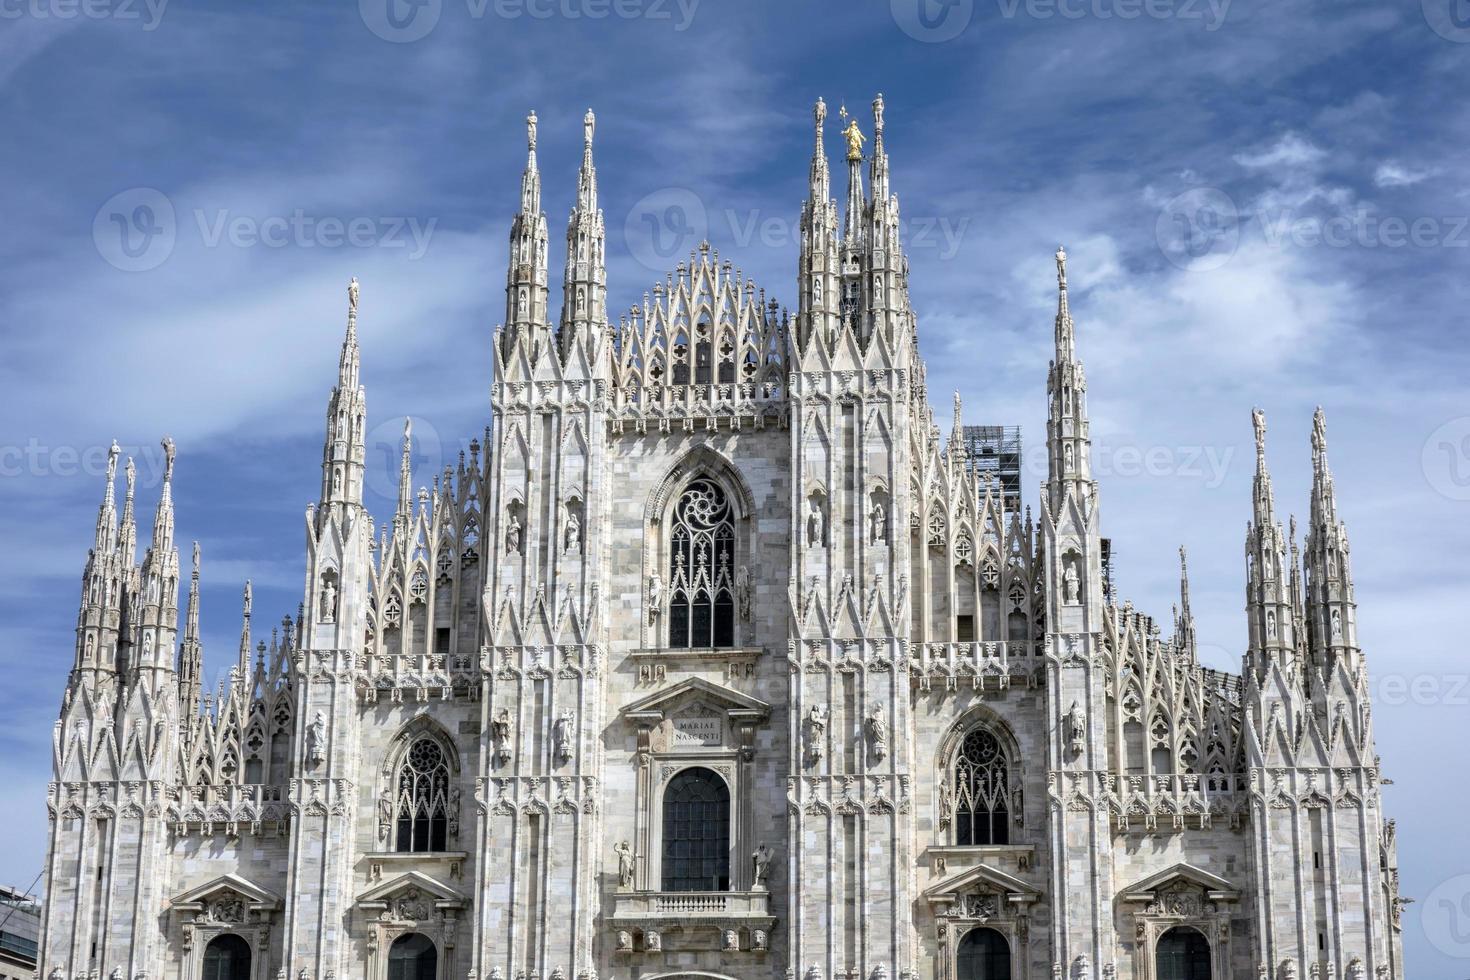 duomo della cattedrale a Milano Italia foto